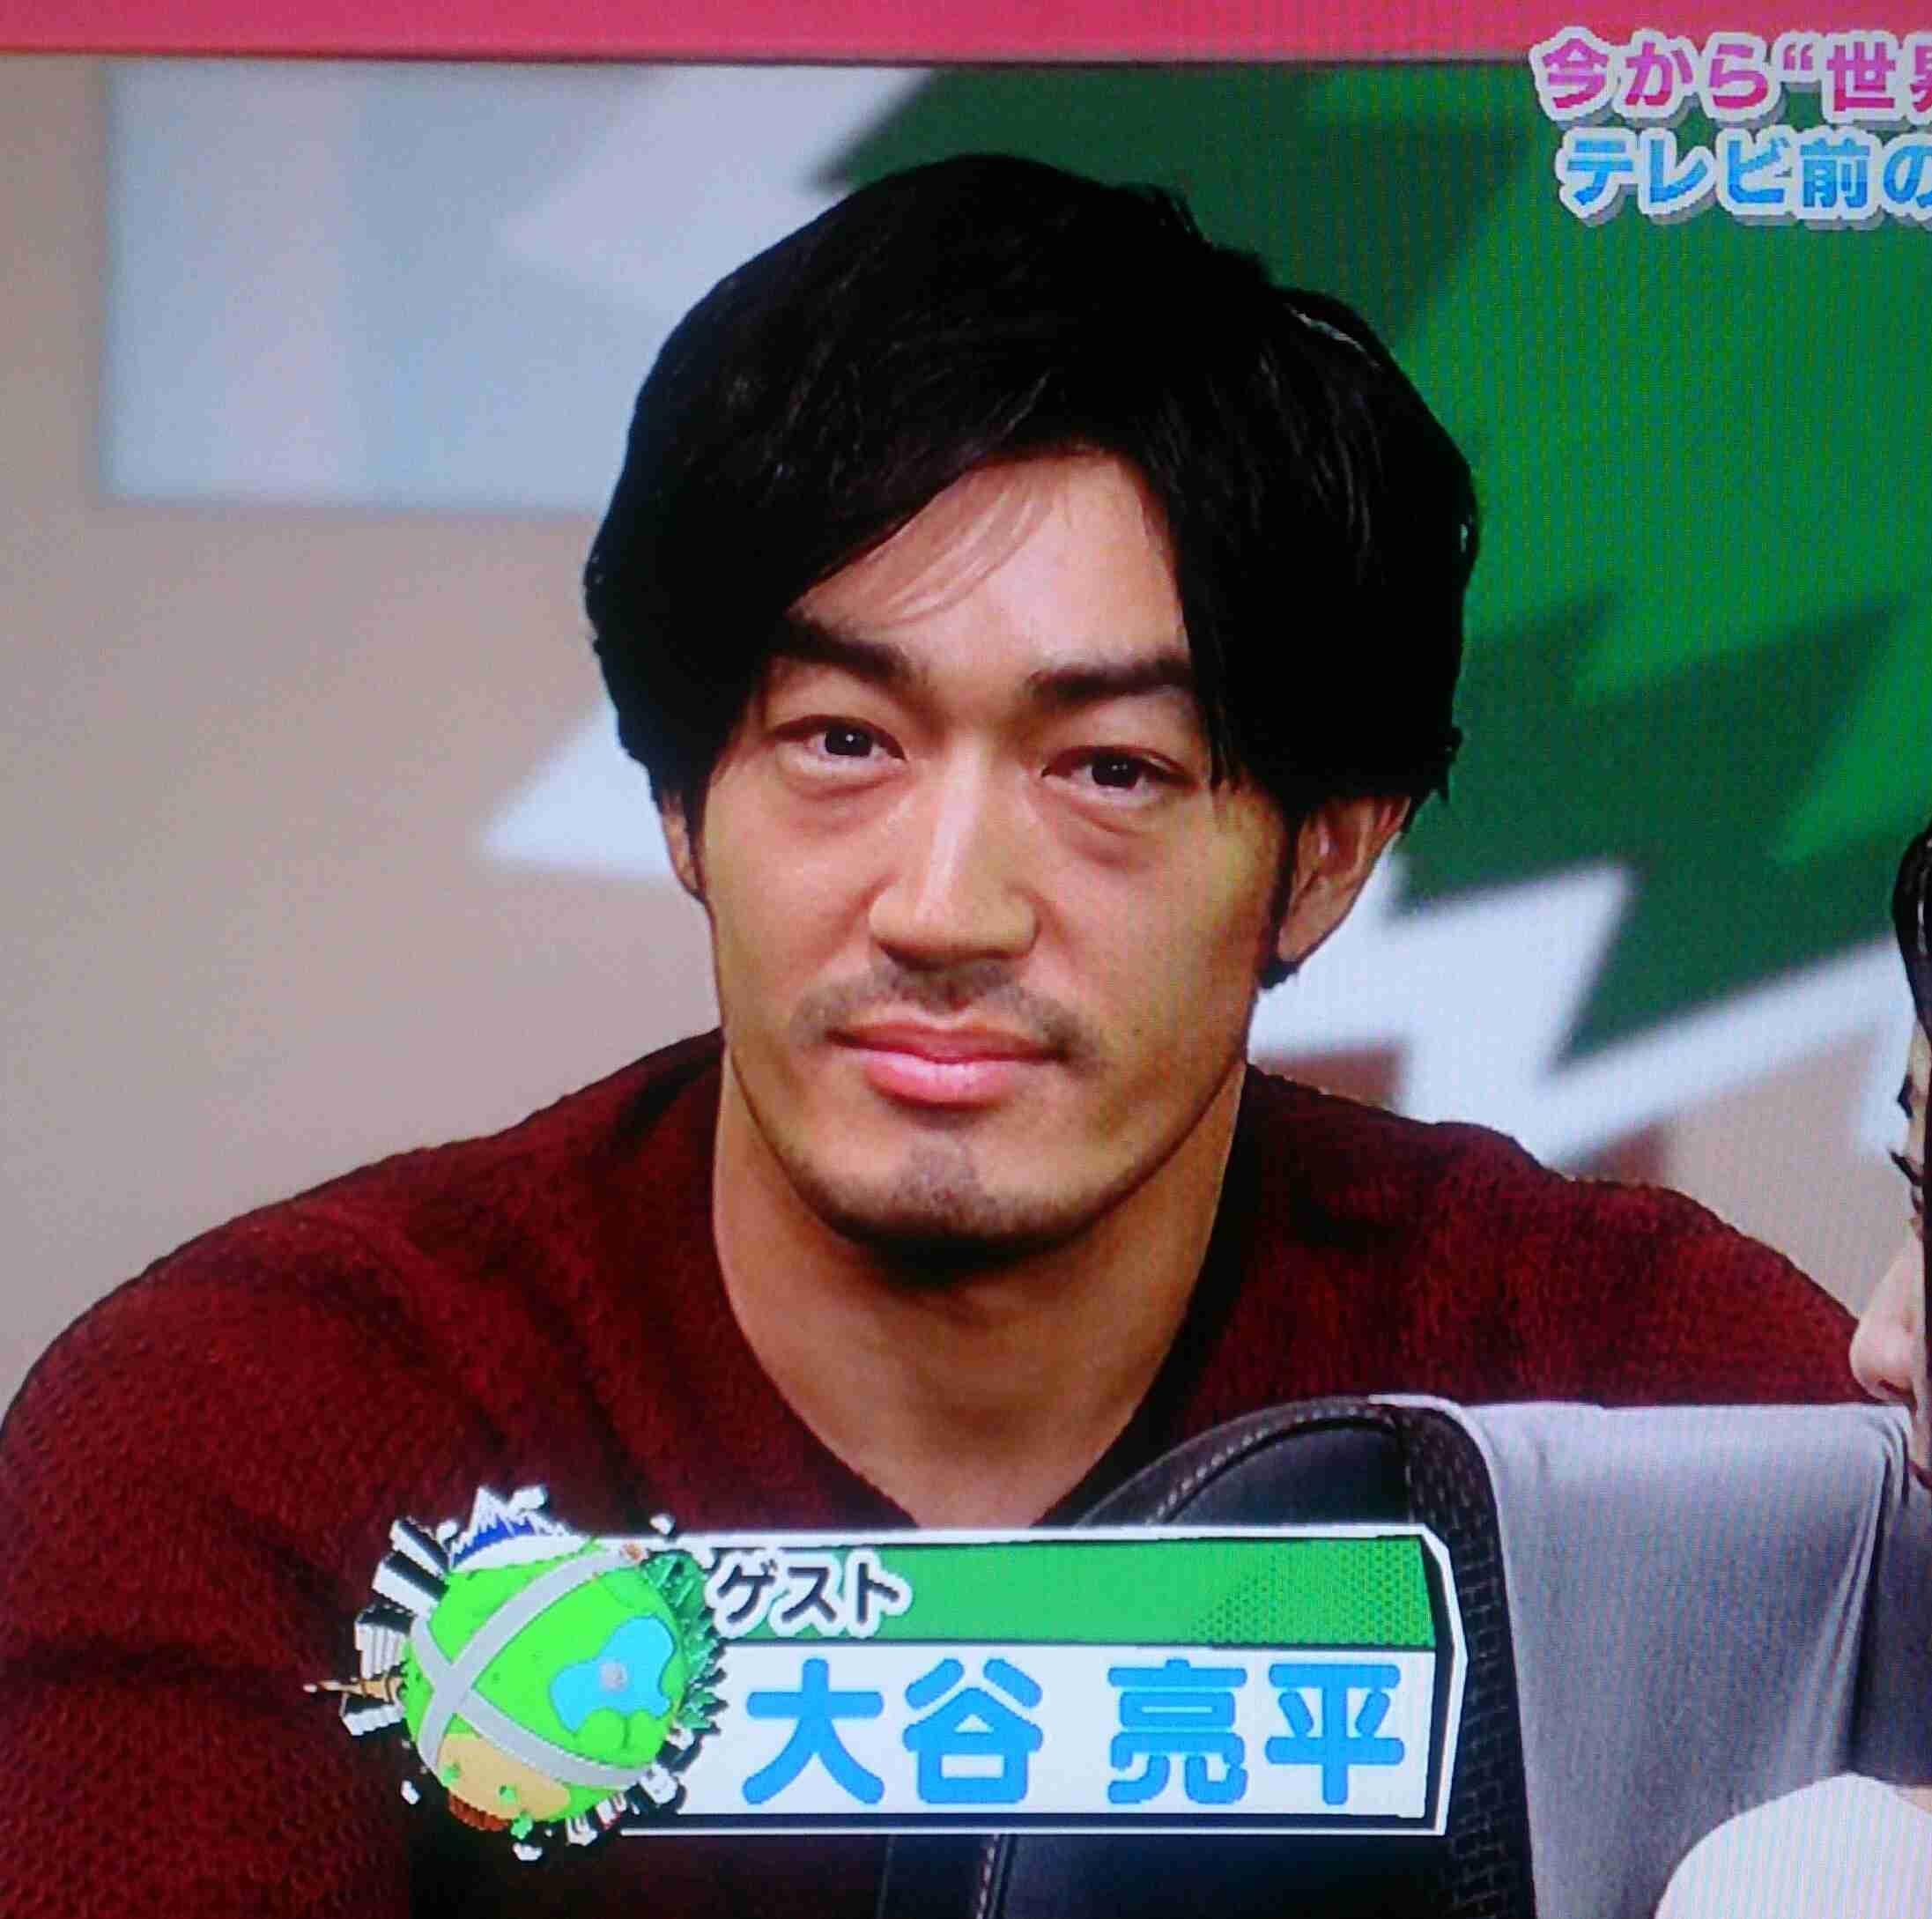 大谷亮平さんファンの人!